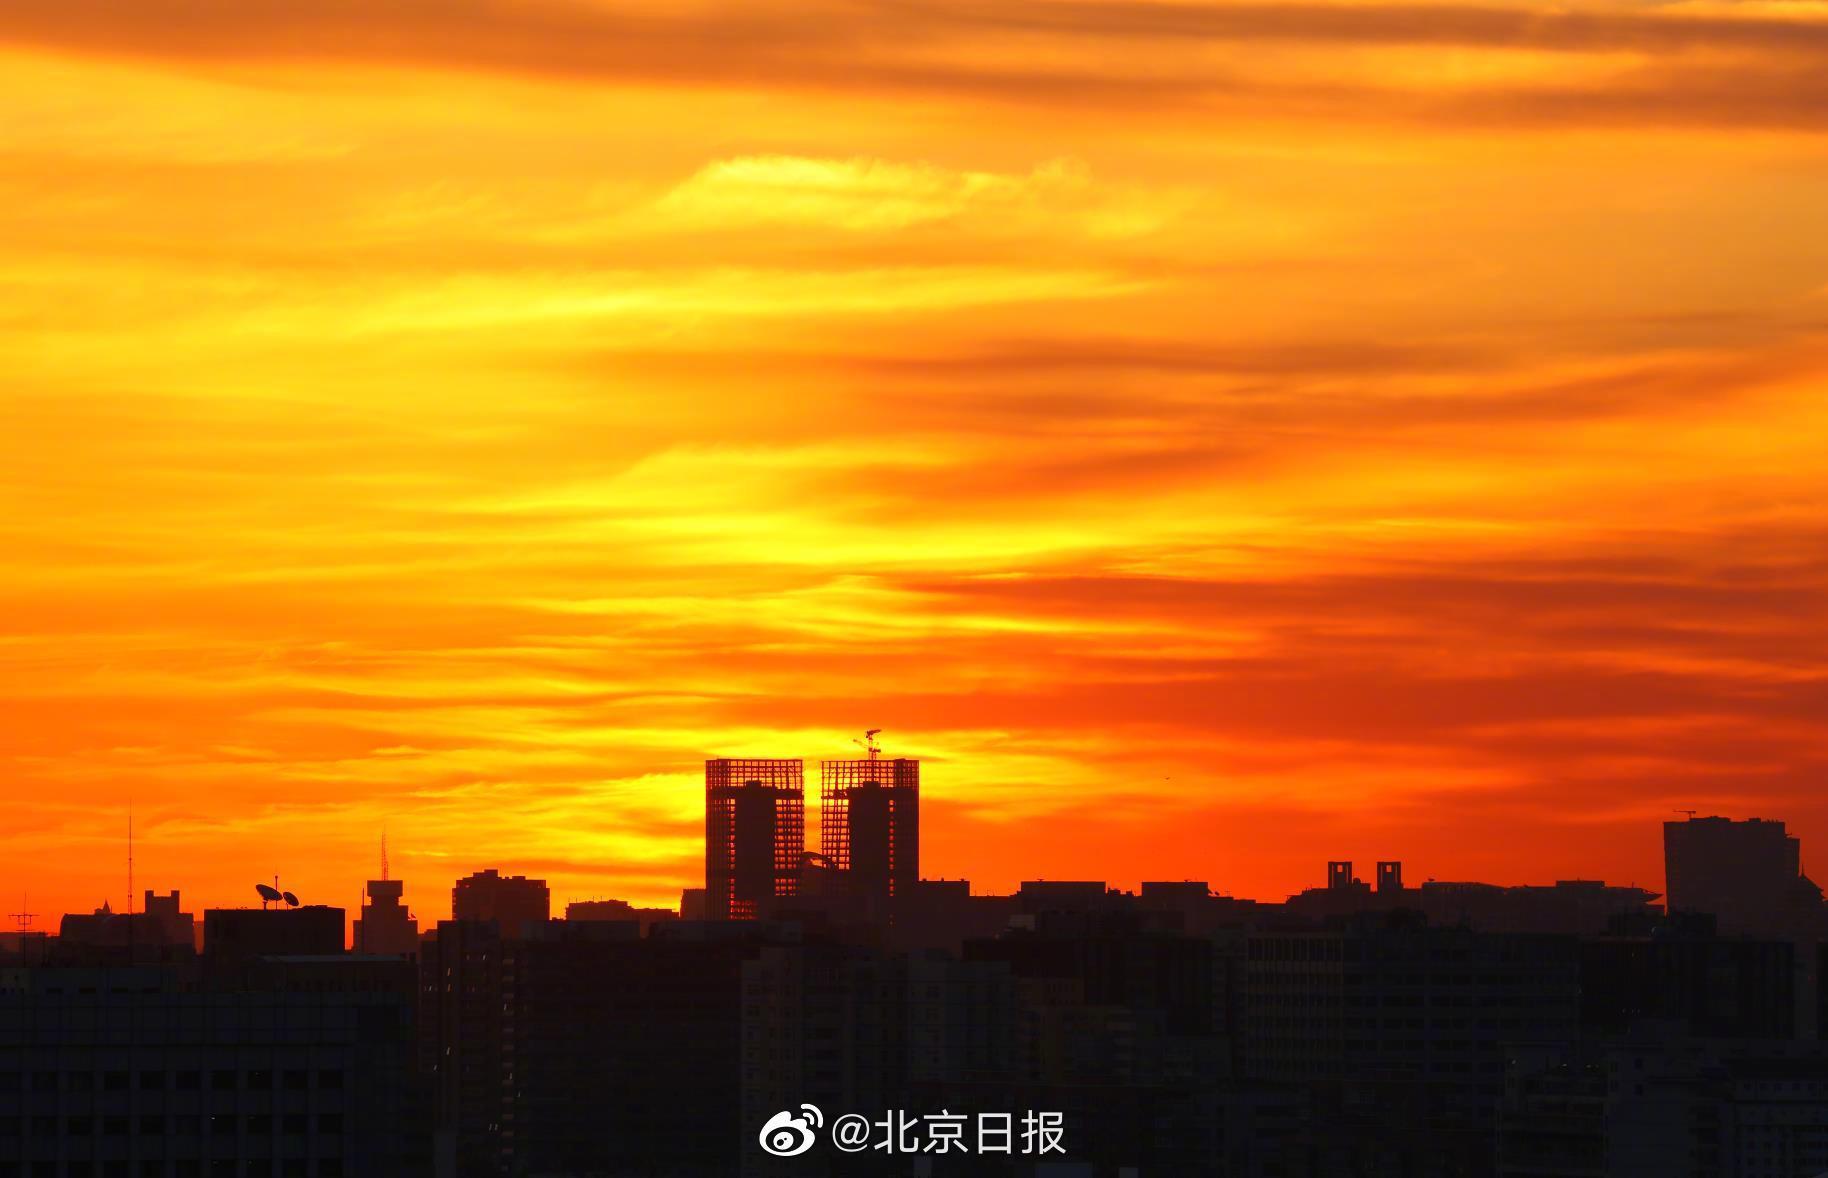 北京今晨又现绝美橘色朝霞(图)